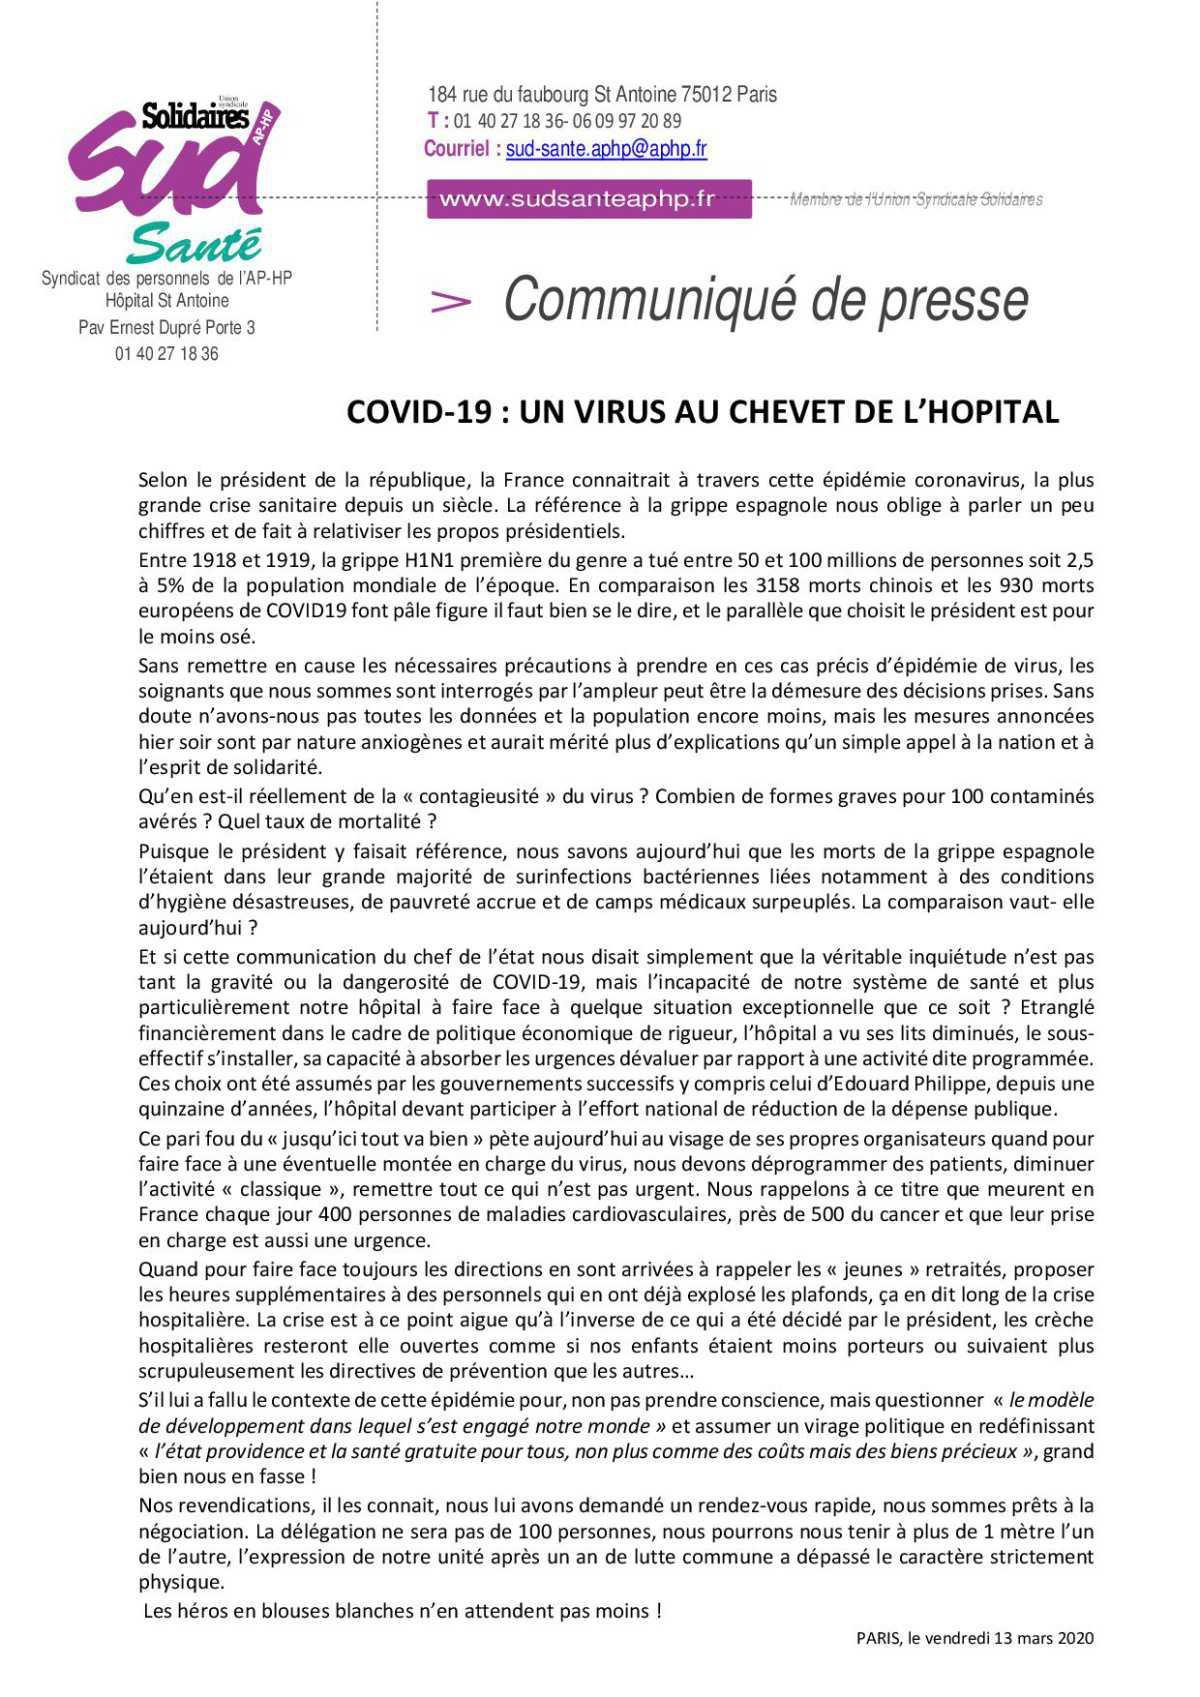 COVID-19 : UN VIRUS AU CHEVET DE L'HOPITAL